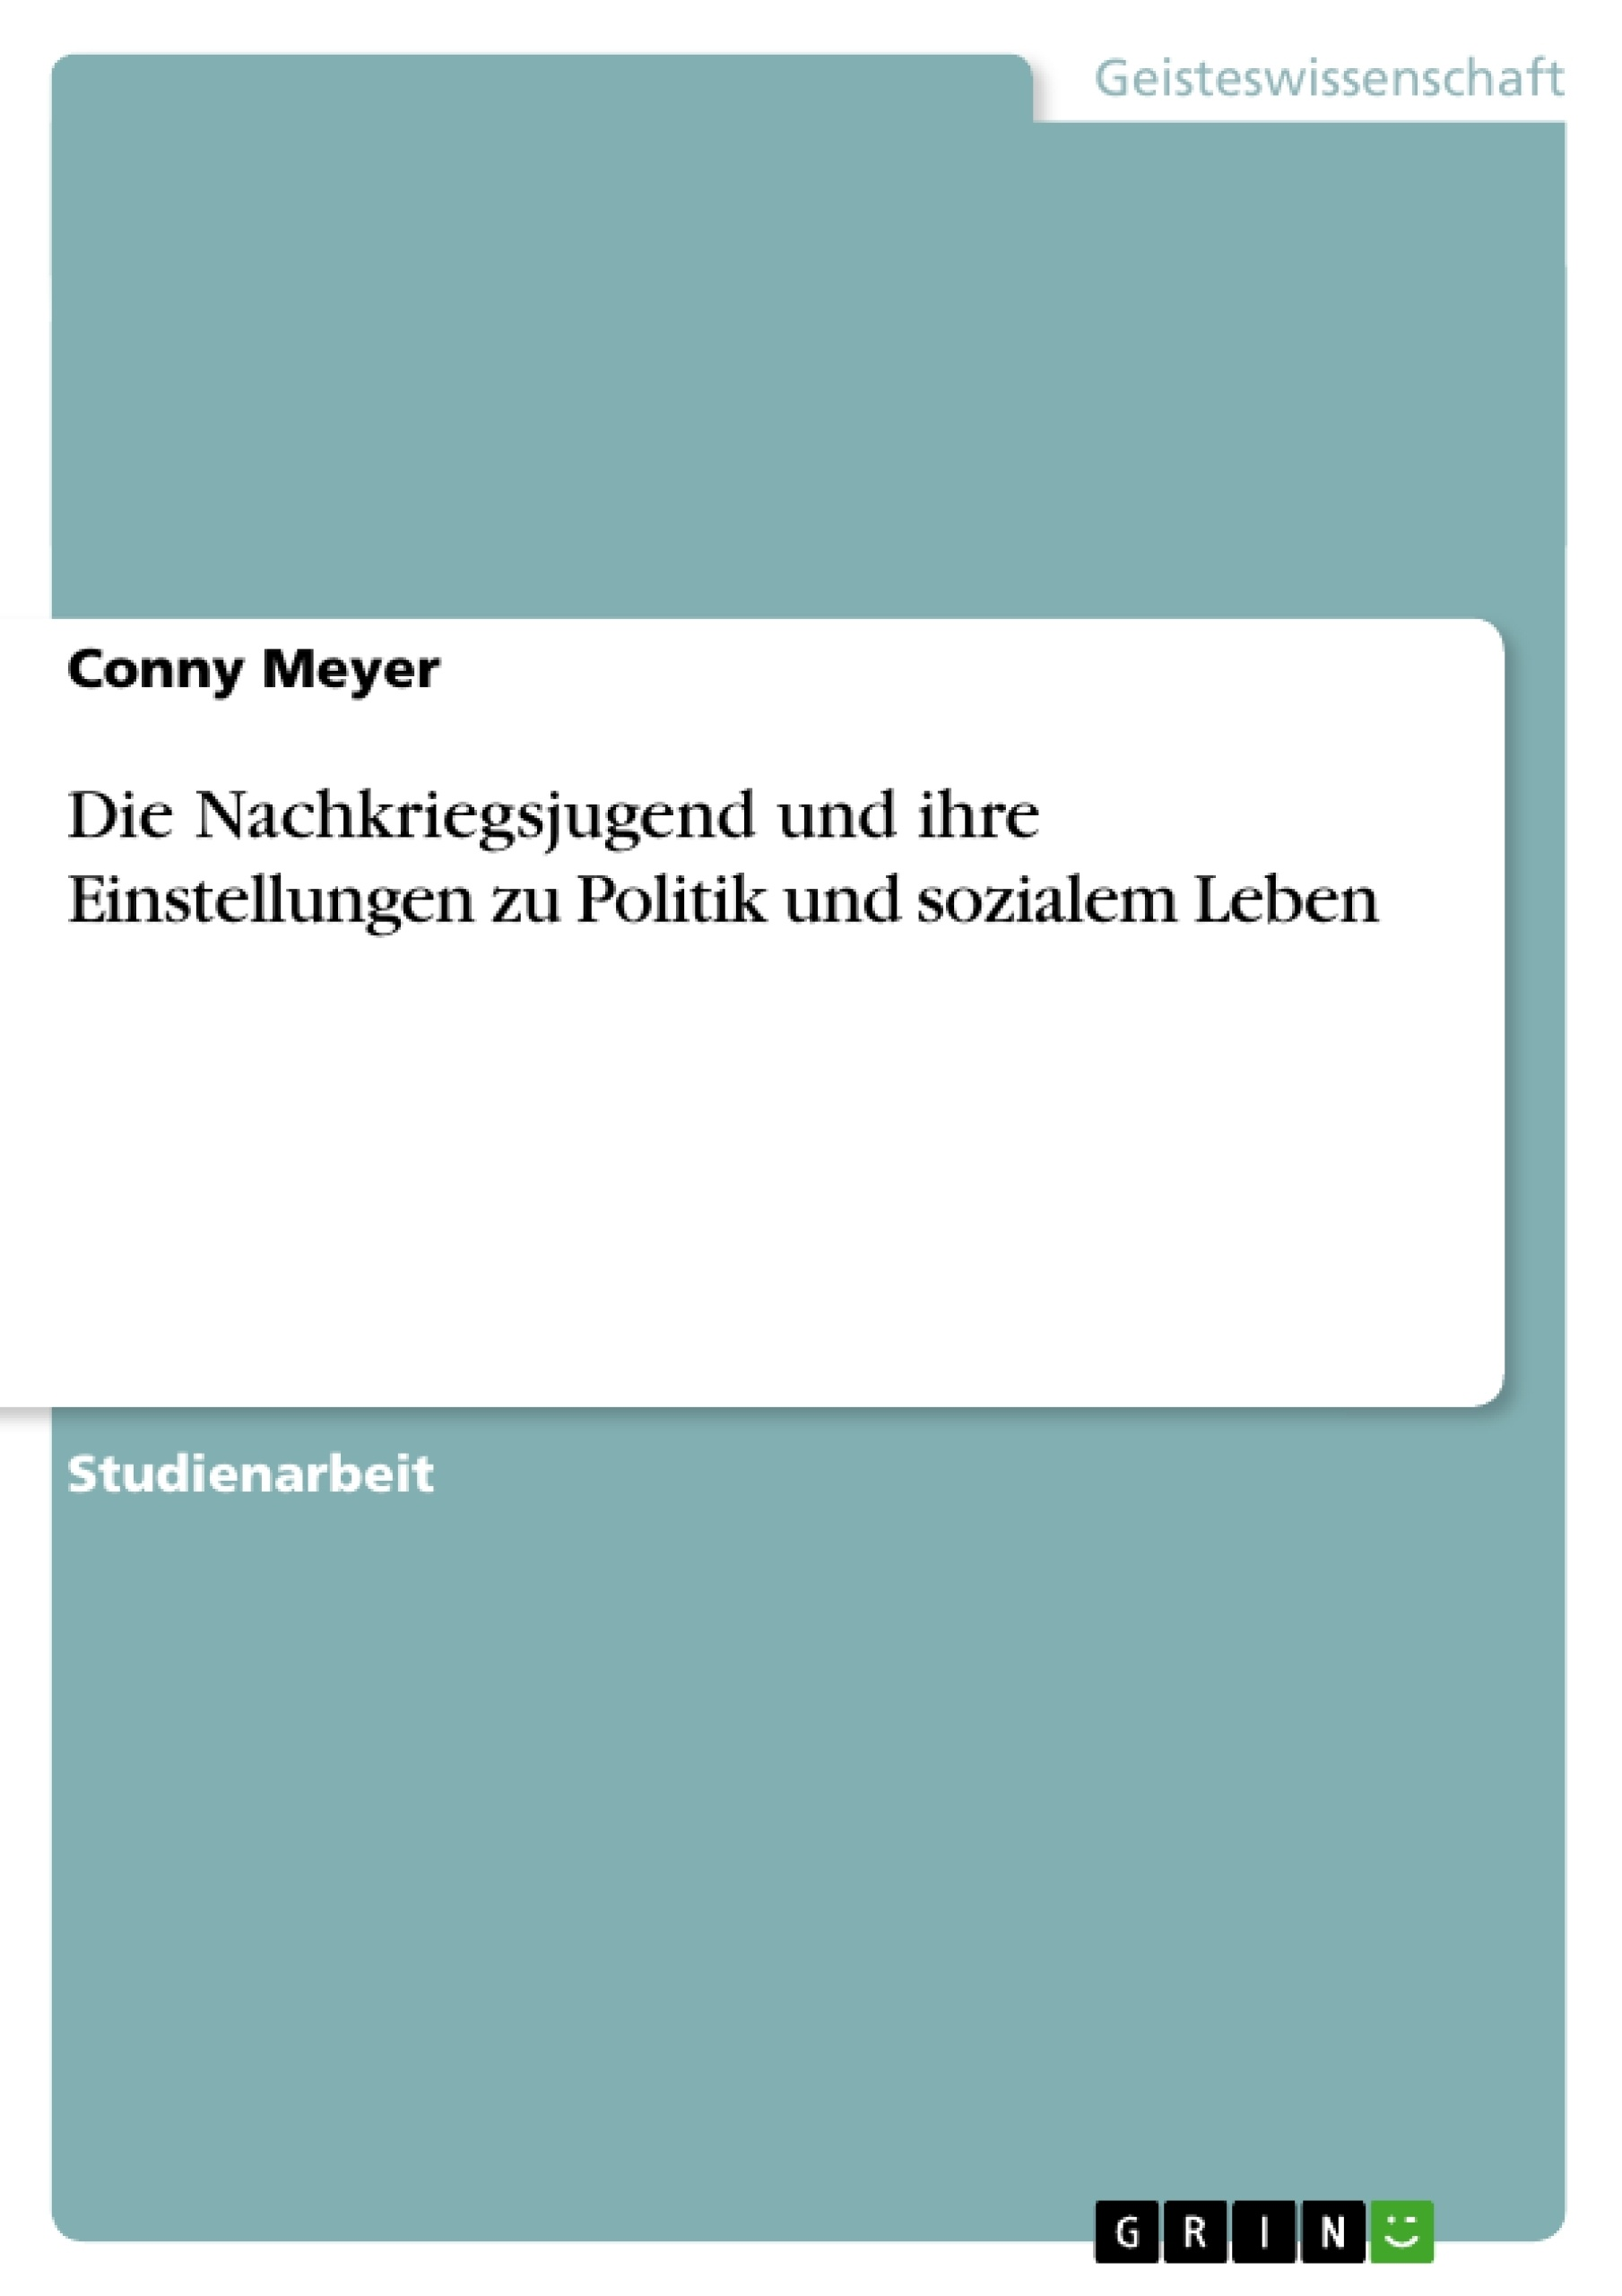 Titel: Die Nachkriegsjugend und ihre Einstellungen zu Politik und sozialem Leben